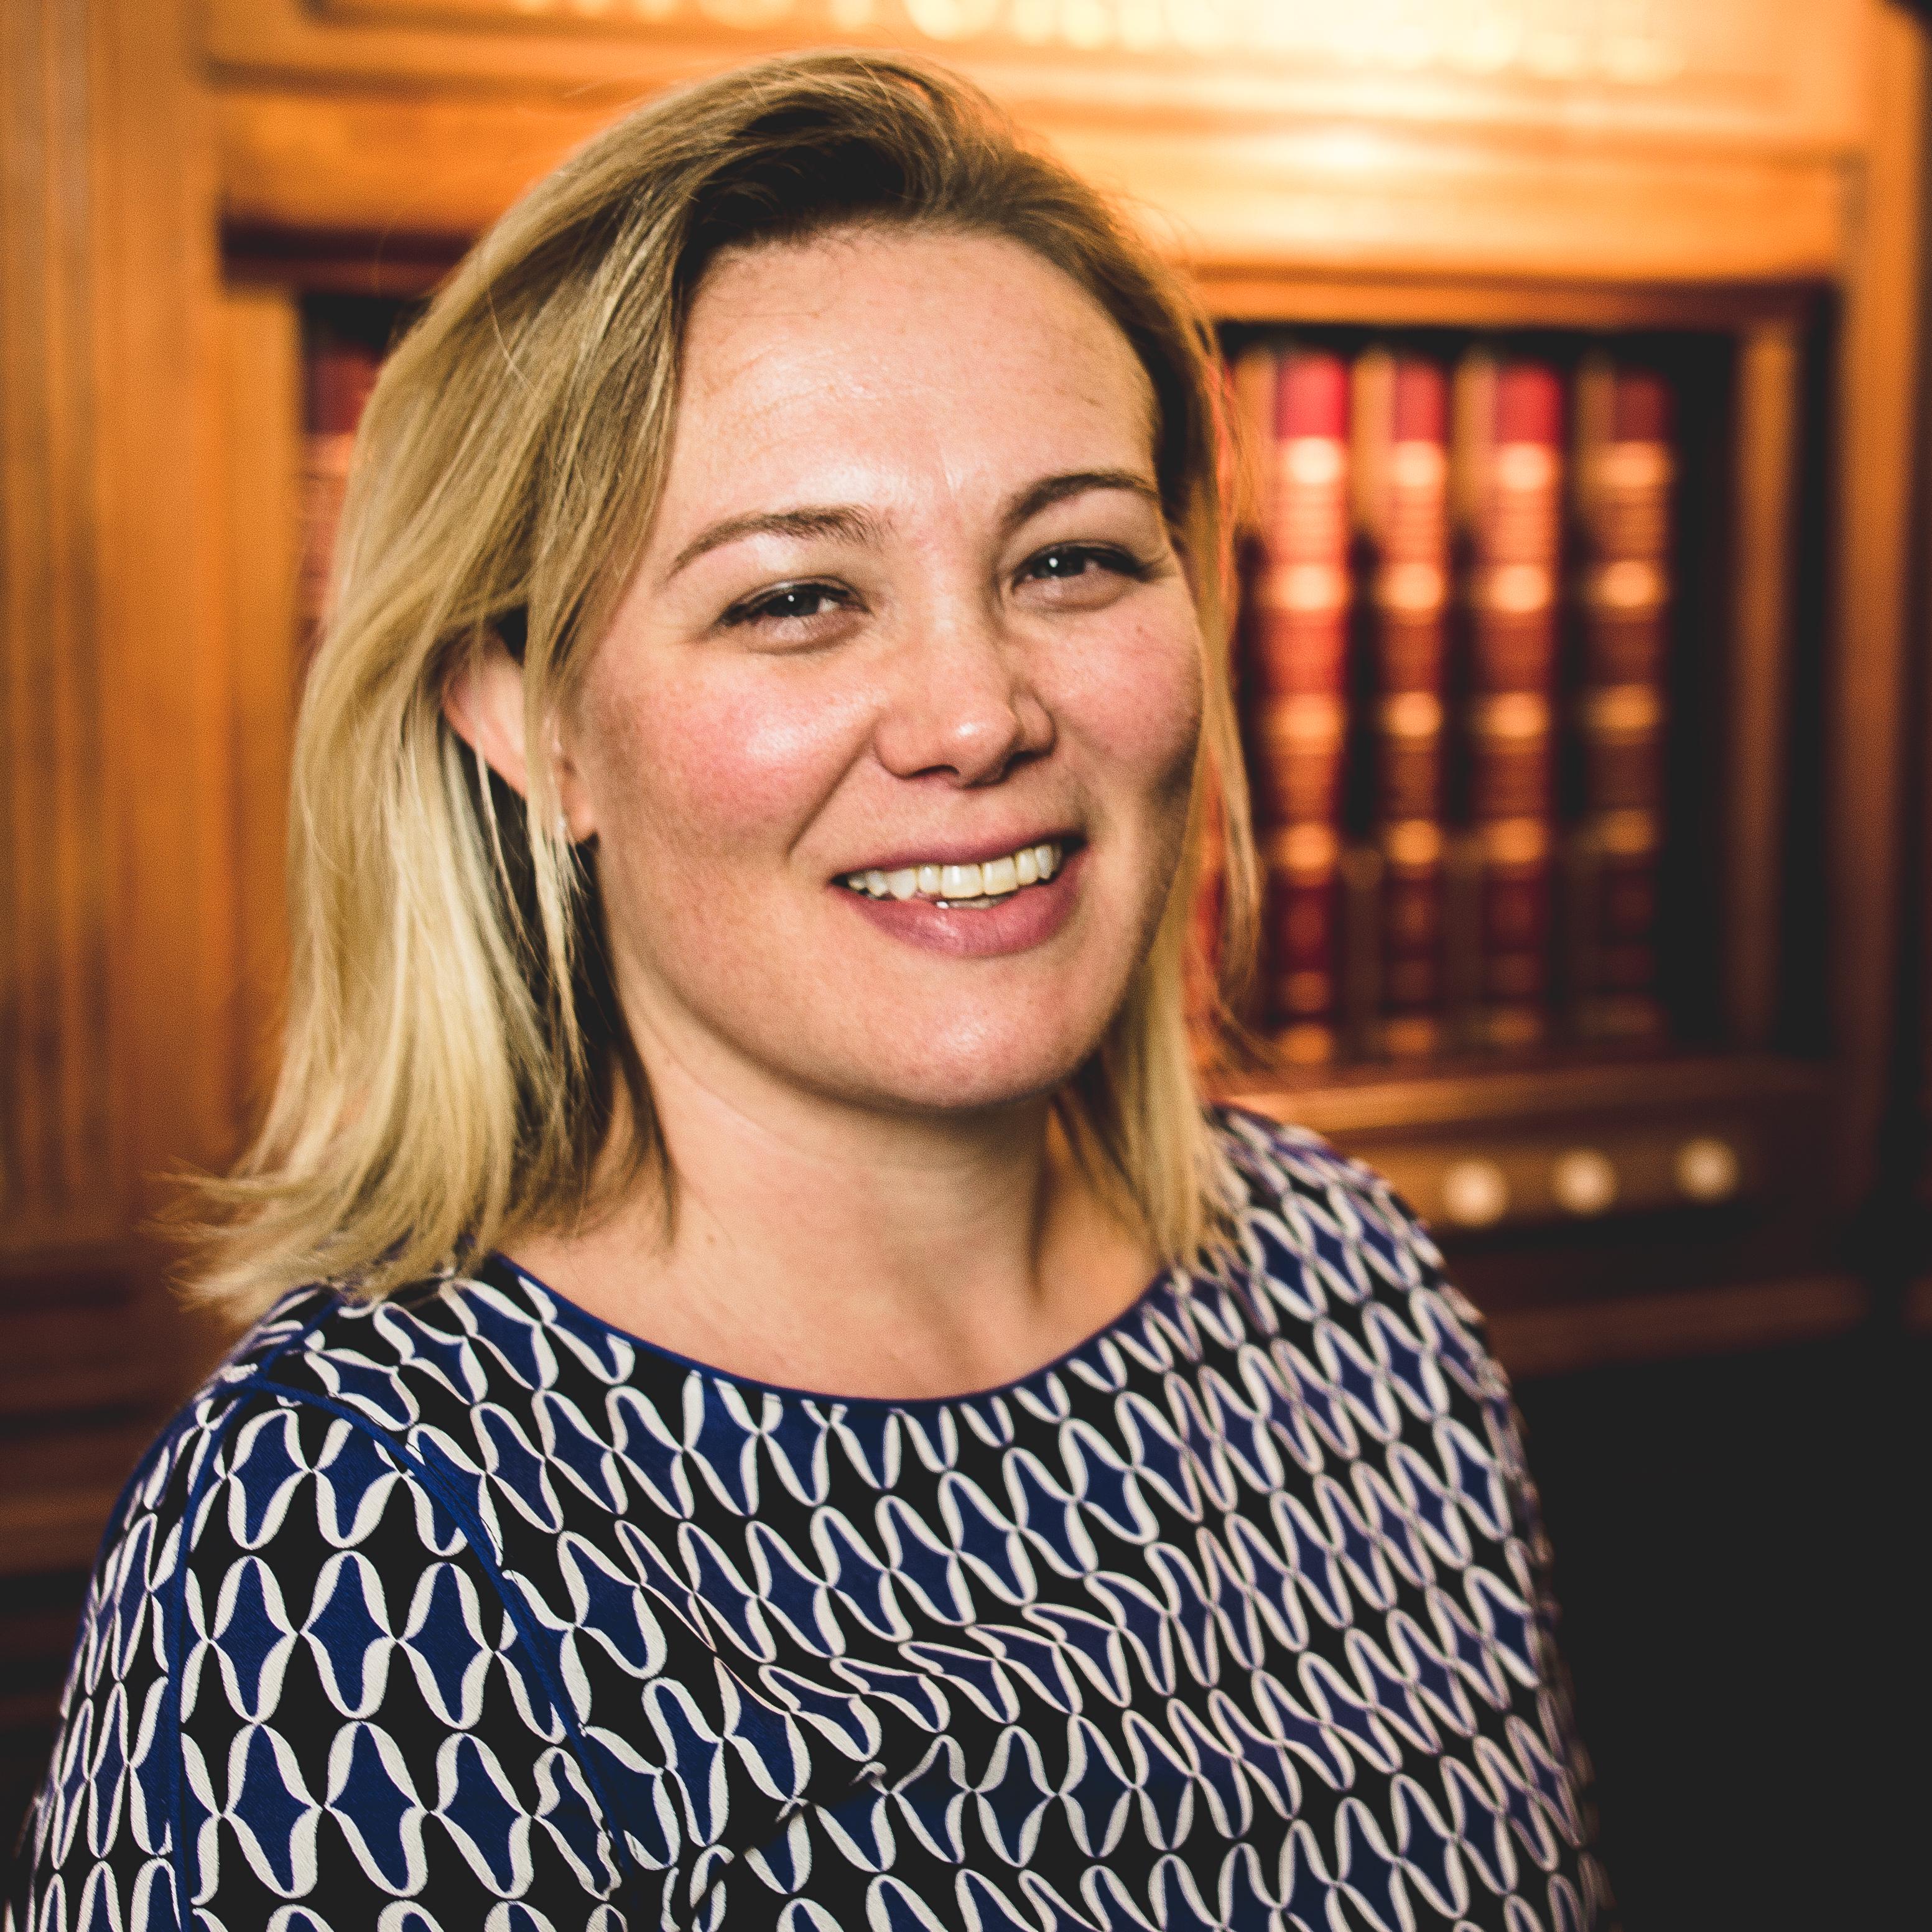 Anna Glazebrook